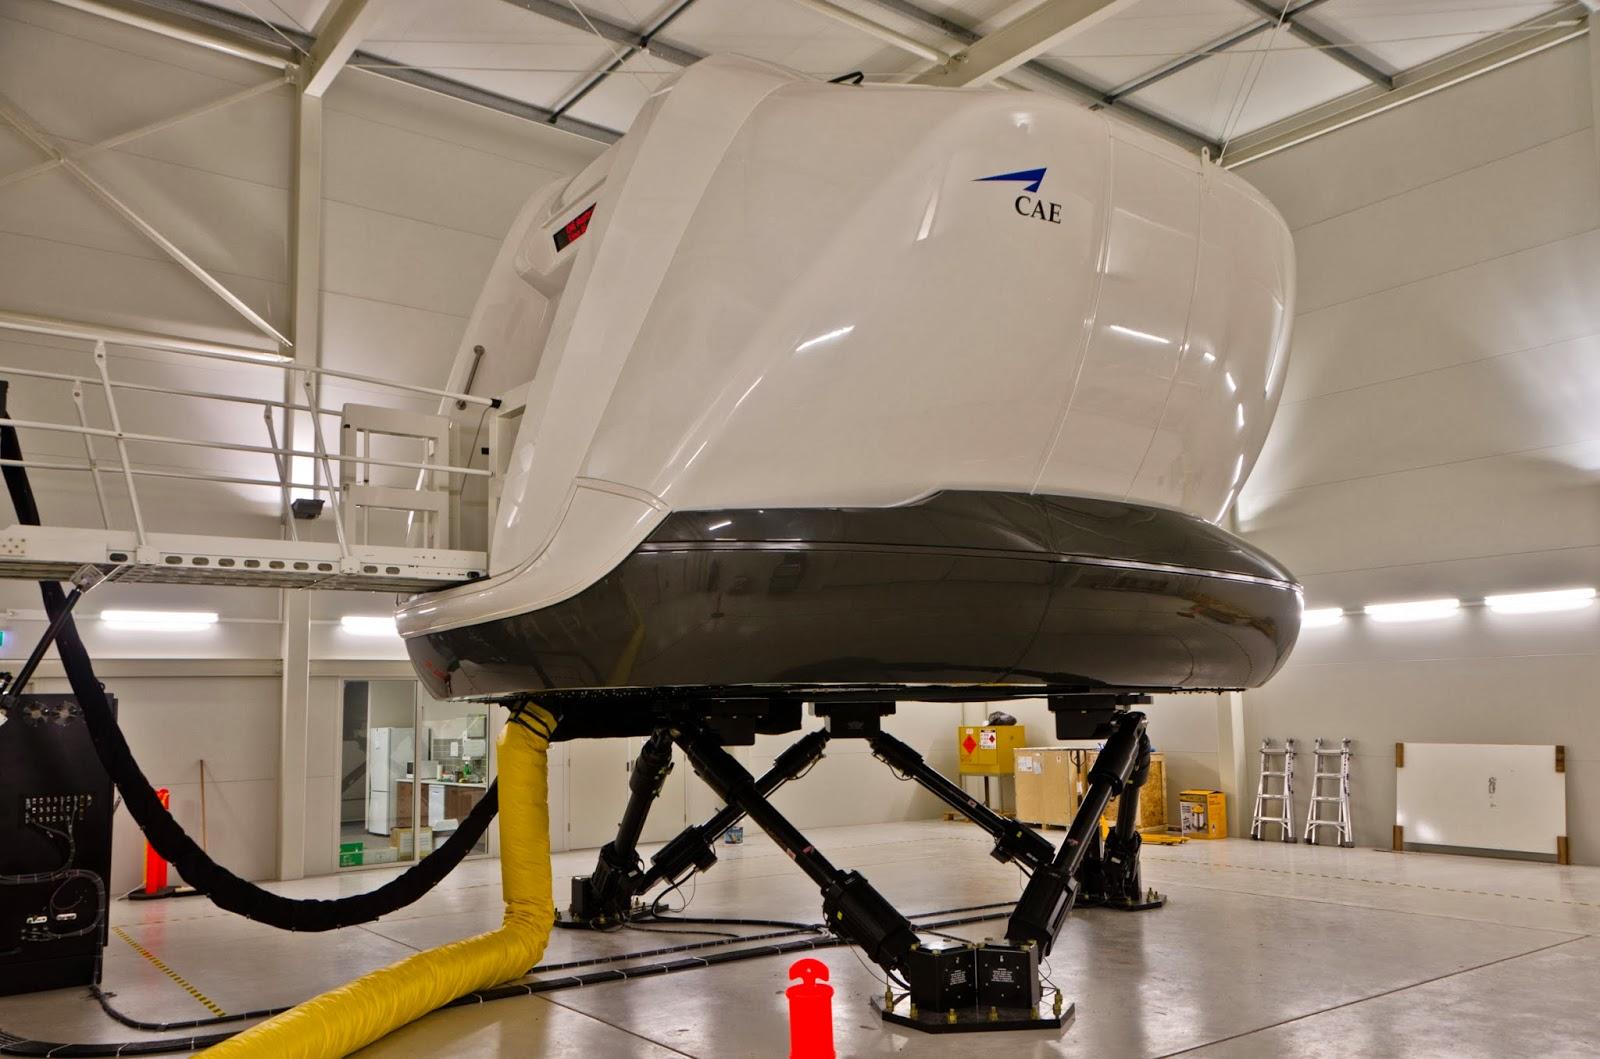 DEFENSE STUDIES: CAE King Air 350 Full-Flight Simulator to